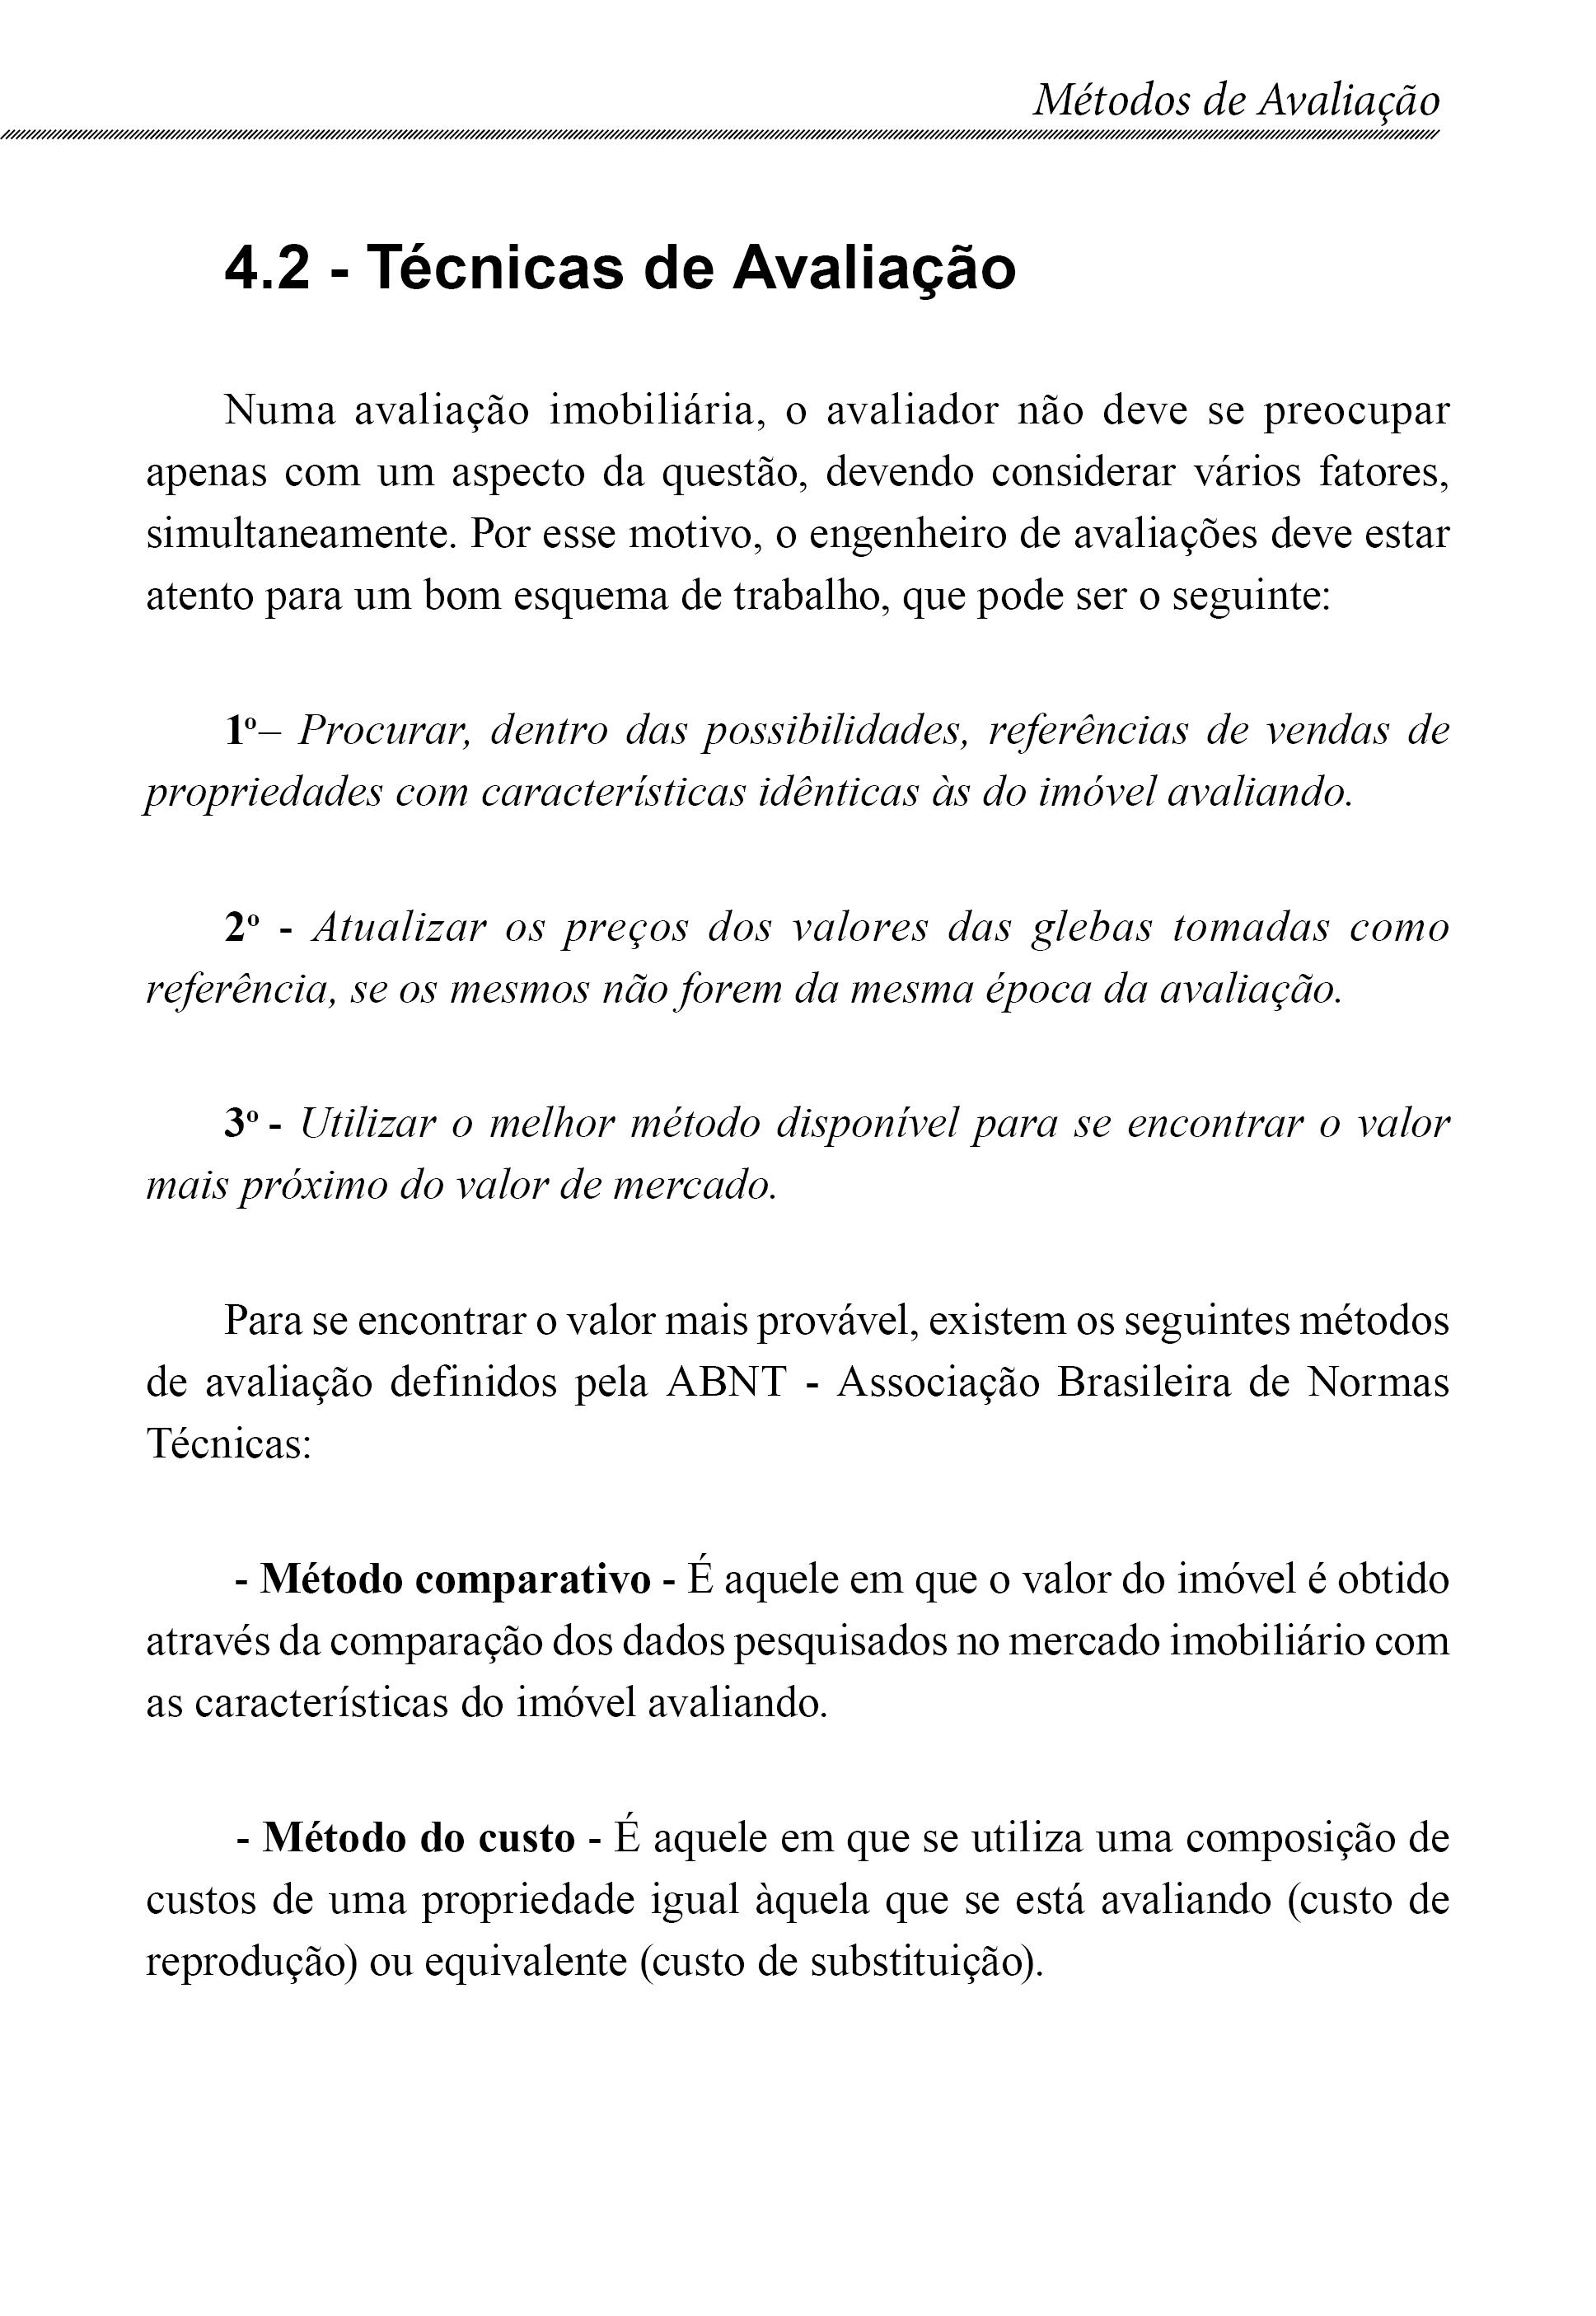 Imóveis Rurais - Como Classificar e Avaliar Propriedades Rurais